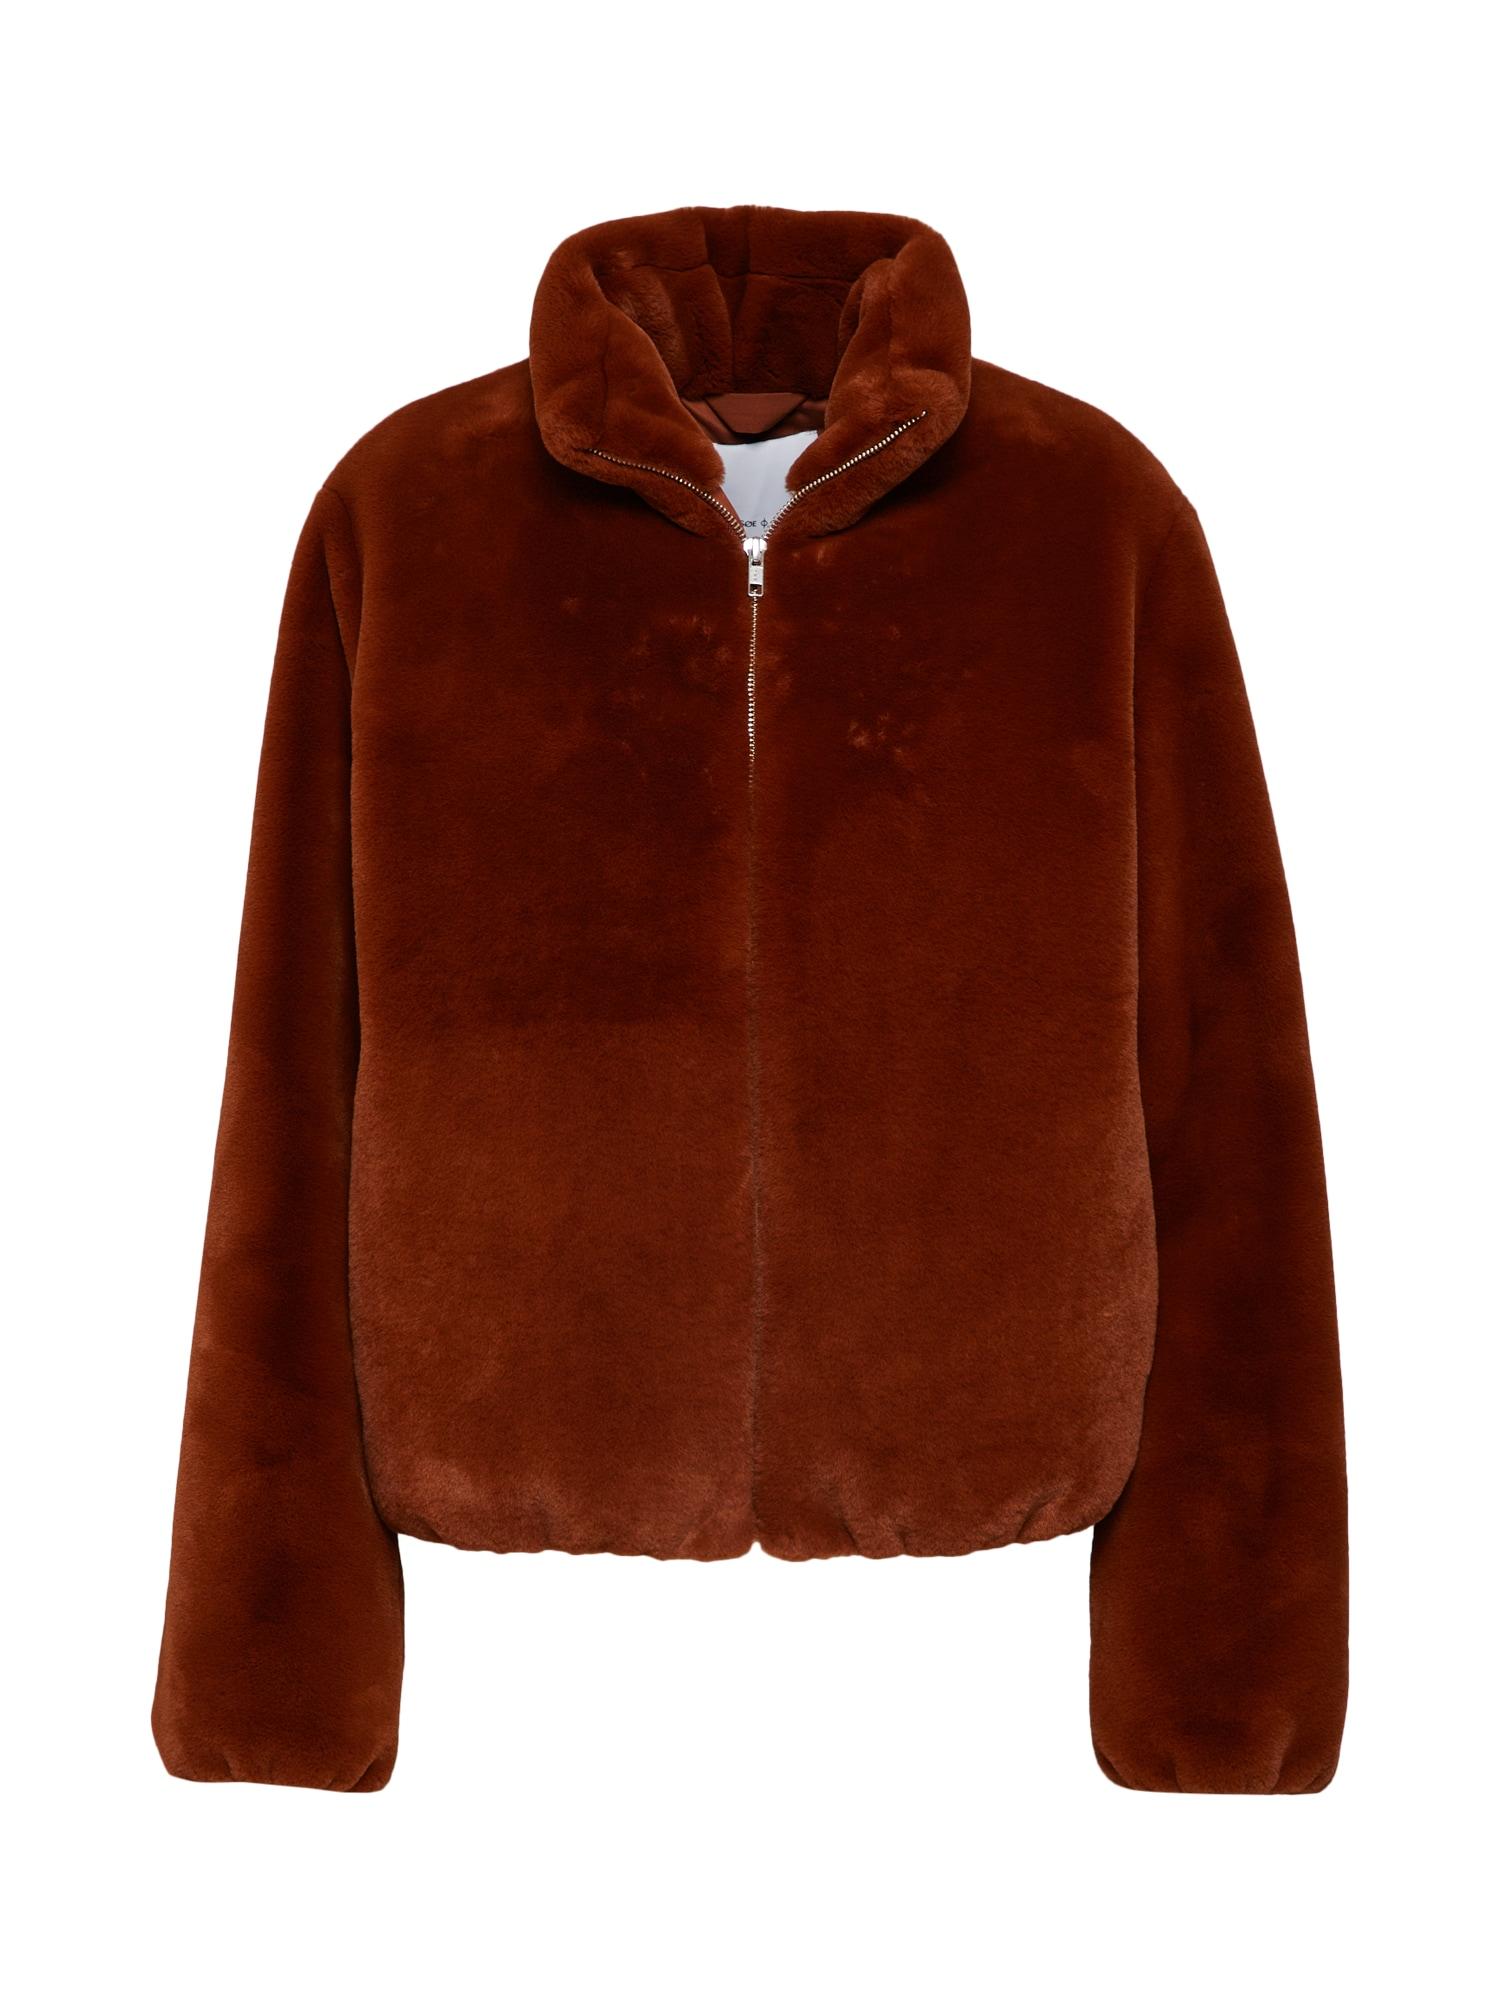 Zimní bunda Loulou jacket 11107 hnědá žlutá Samsoe & Samsoe